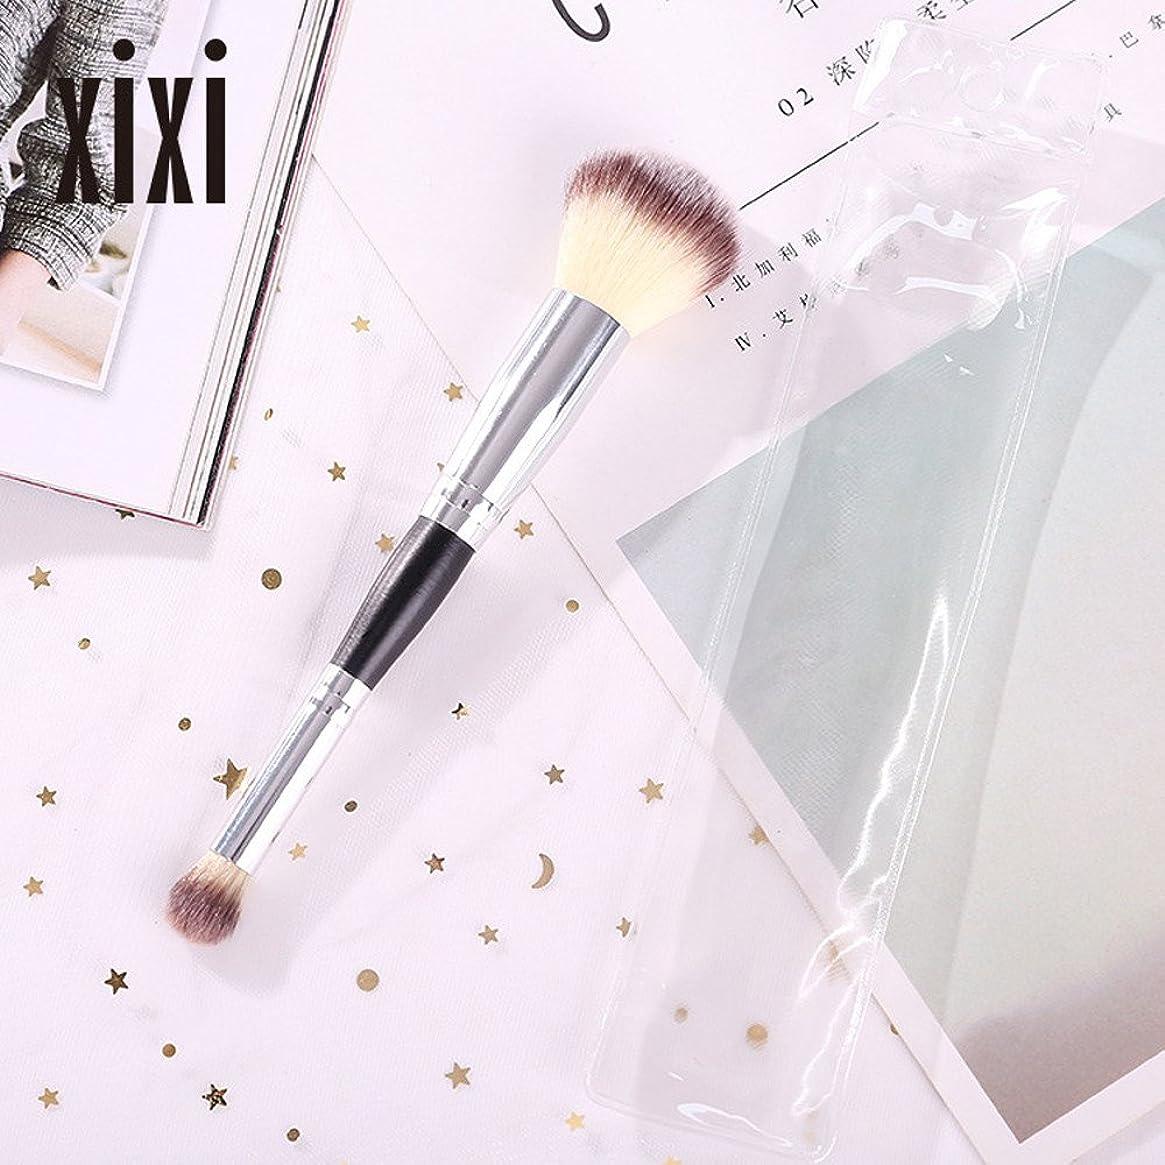 許す移動する倉庫Akane 1本 XIXI 超人気 高級 美感 魅力的 ダブルヘッド 上等 綺麗 多機能 おしゃれ たっぷり 柔らかい 激安 日常 仕事 Makeup Brush メイクアップブラシ X719